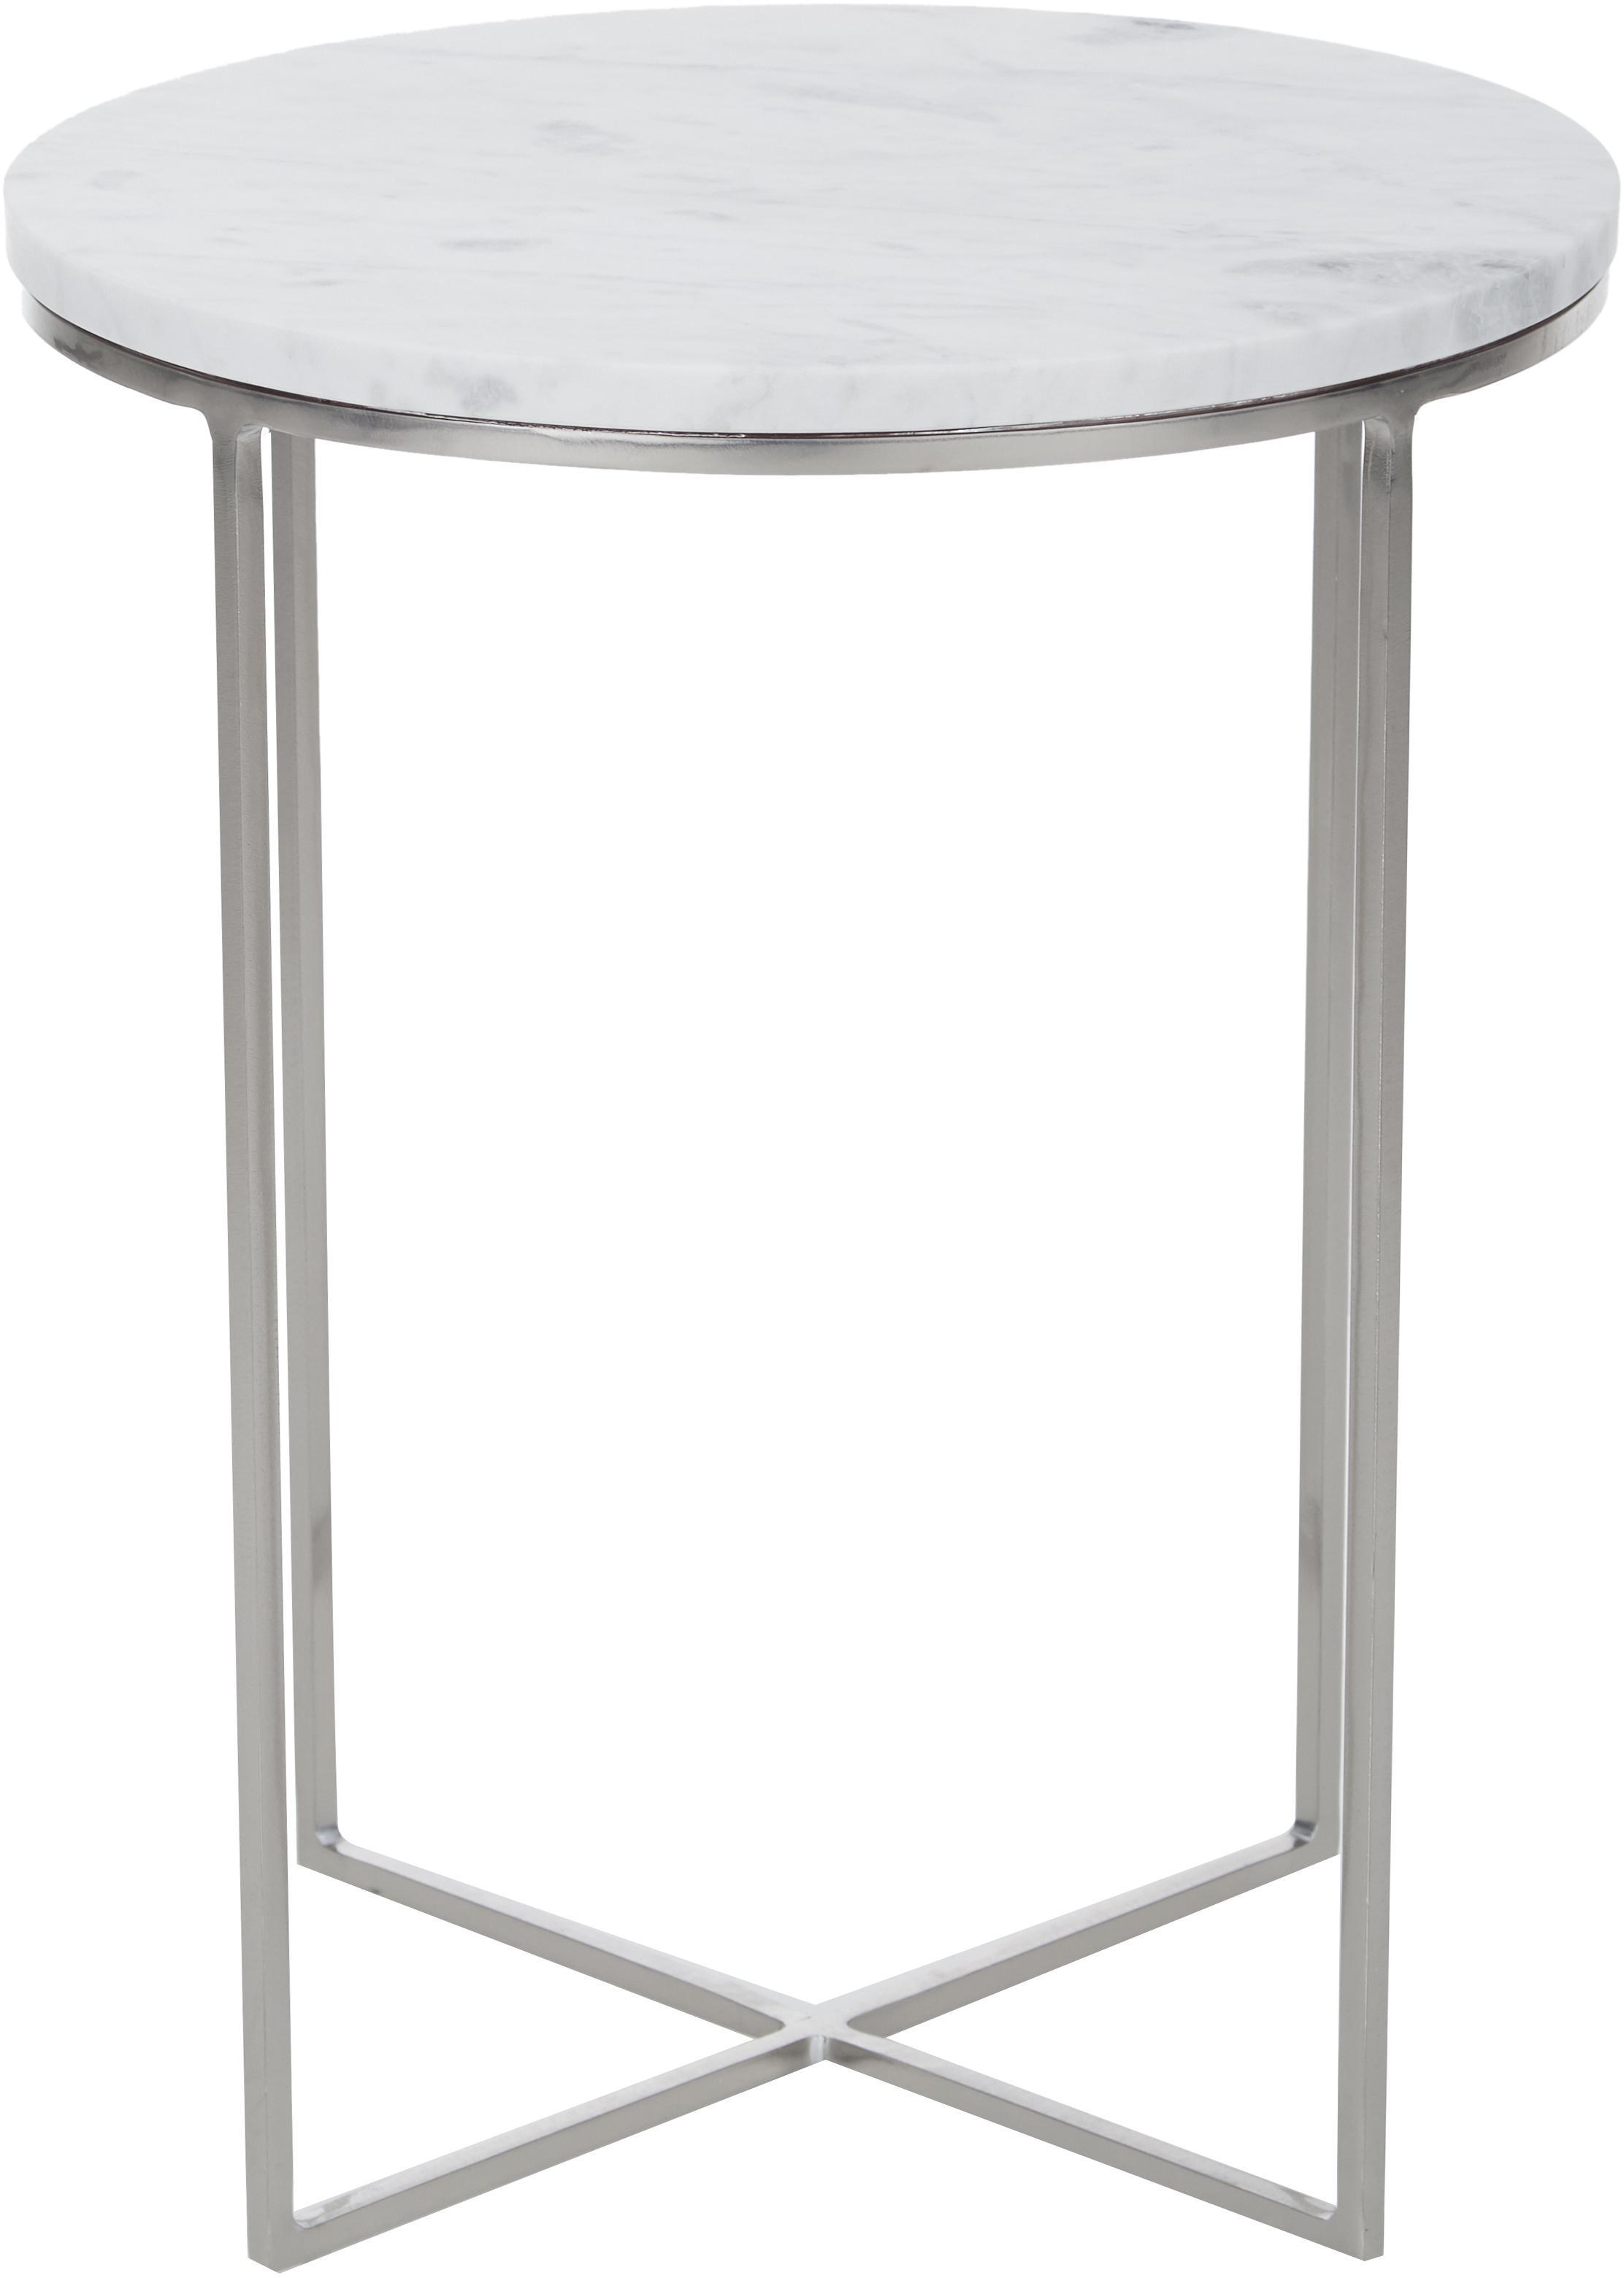 Mesa auxiliar redonda de mármol Alys, Tablero: mármol natural, Estructura: metal con pintura en polv, Tablero: mármol blanco grisáceo ligeramente brillante Estructura: plateado mate, Ø 40 x Al 50 cm